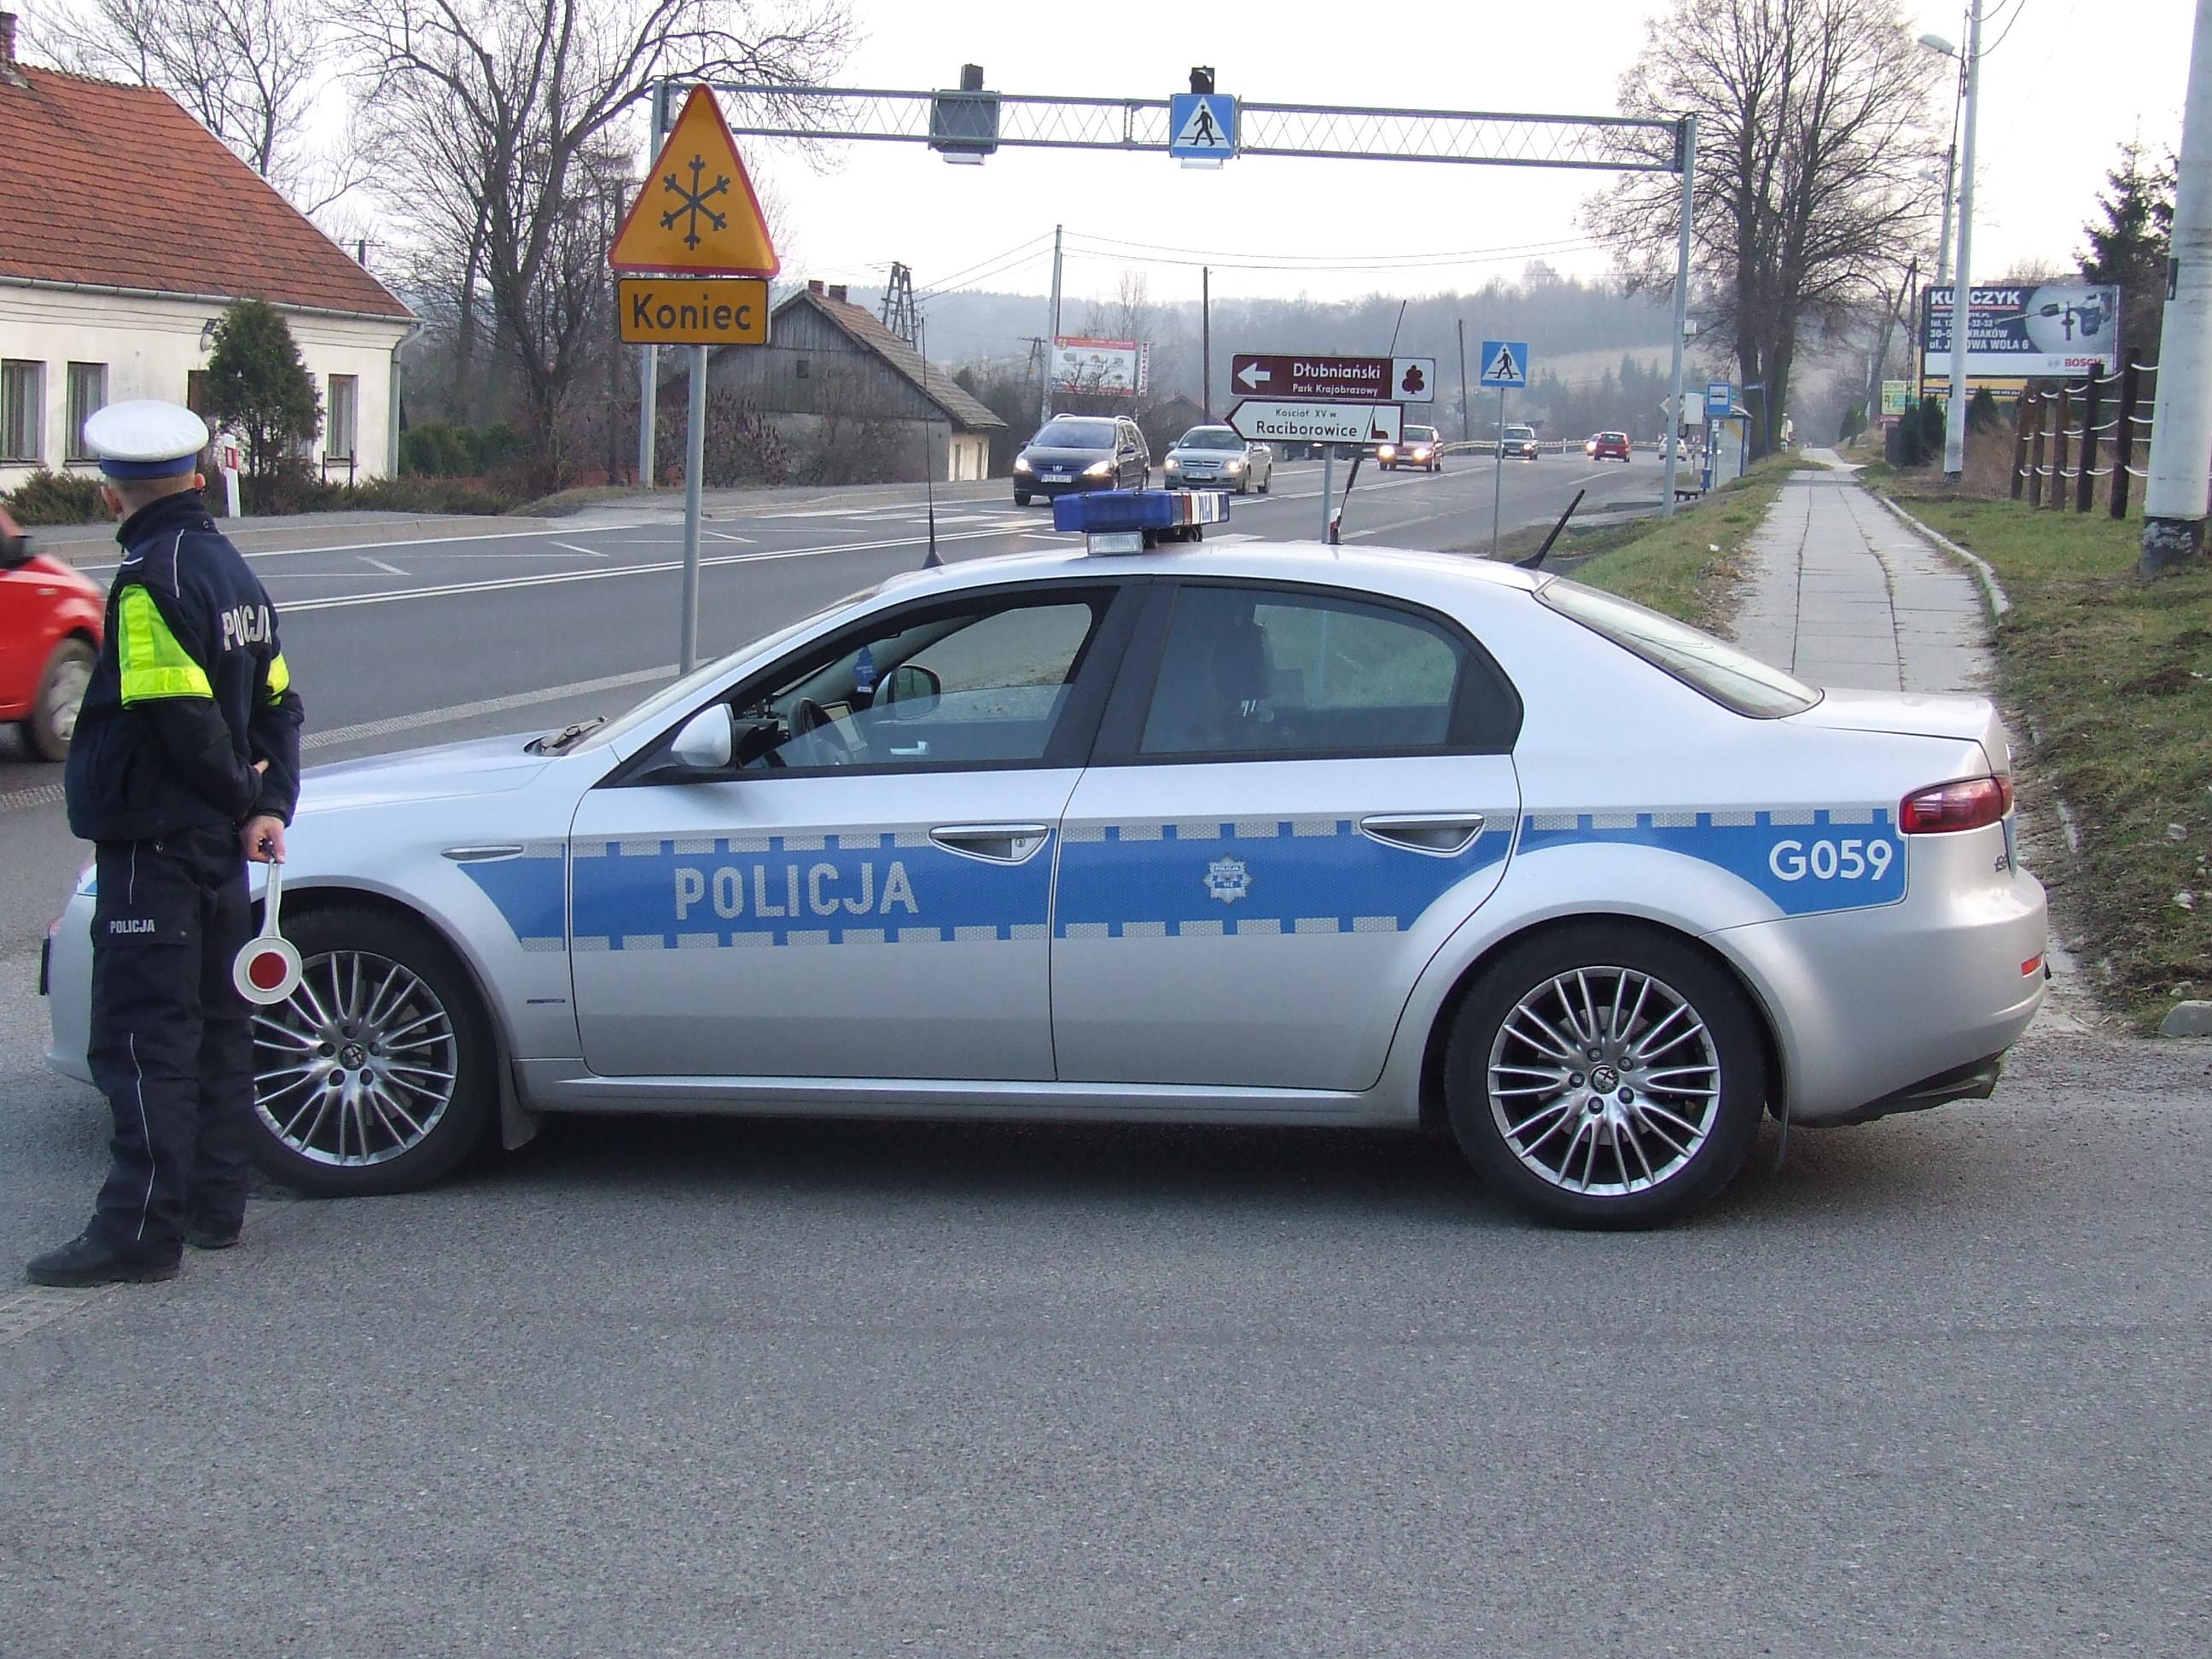 Przesadził z prędkością. 10 punktów karnych oraz zatrzymane prawo jazdy